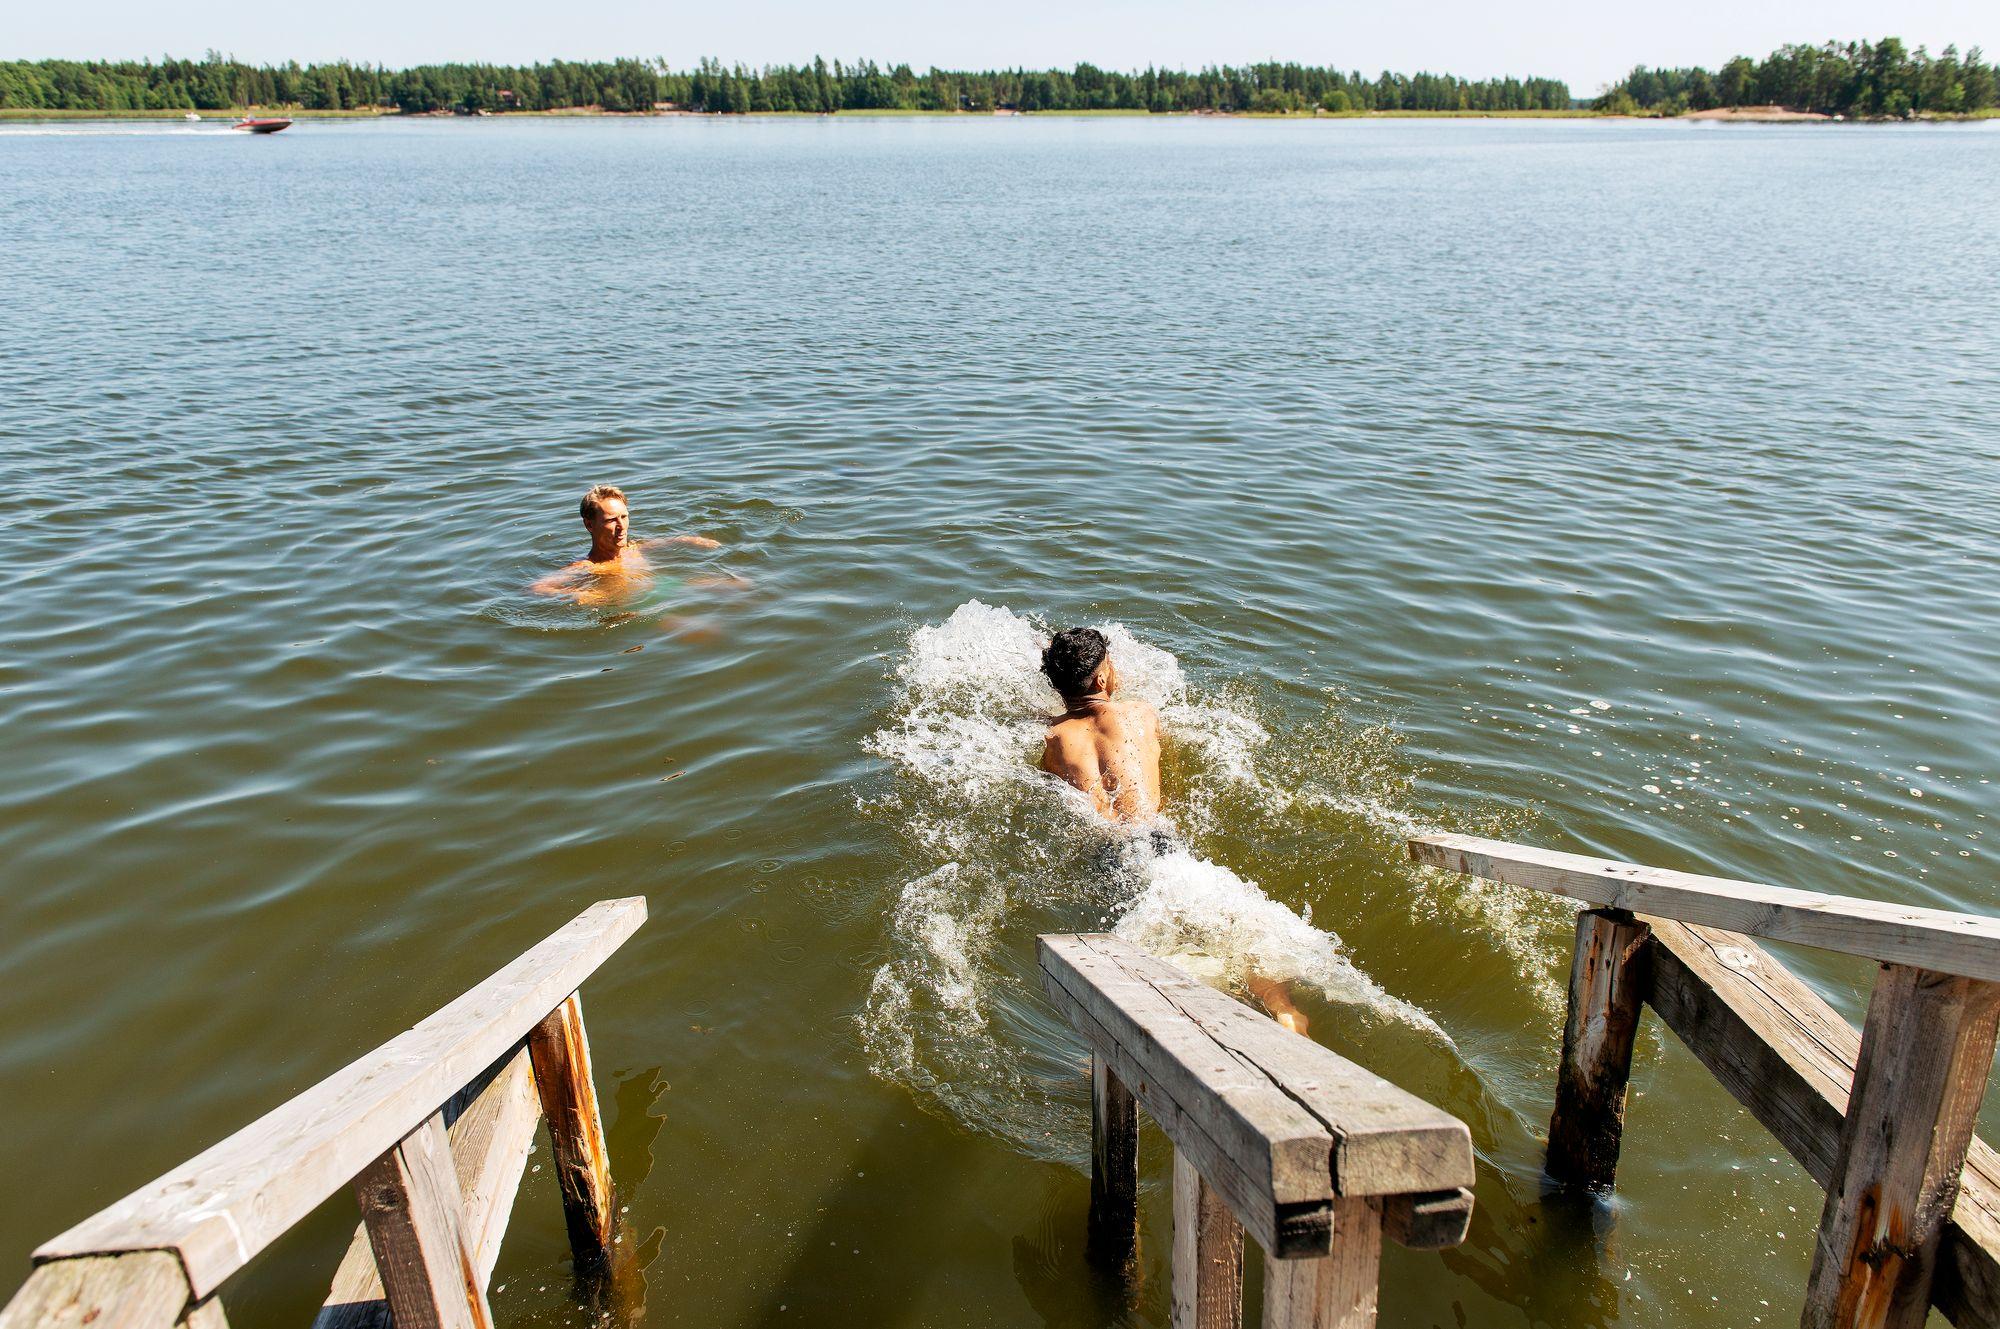 Nuorten maahanmuuttajien kalastuspäivä. Kawa uimassa. © Linda Varoma